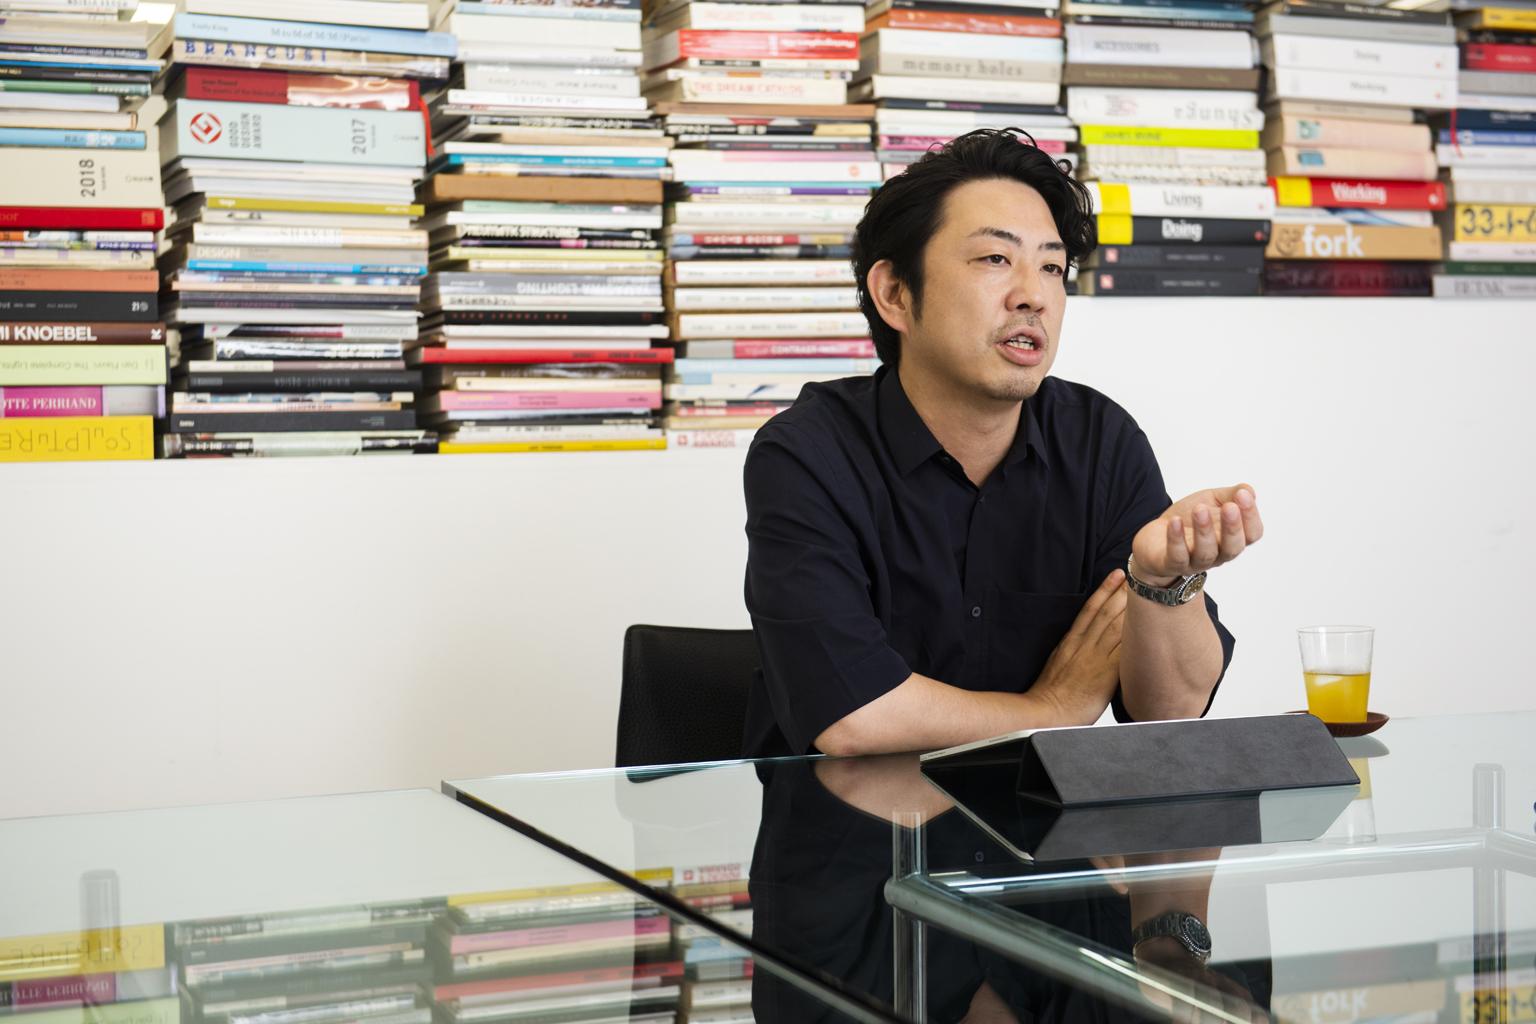 この時代、コンペの意義。デザイナー鈴木啓太に攻略法を聞く―インタビューに答えるデザイナーの鈴木啓太さん